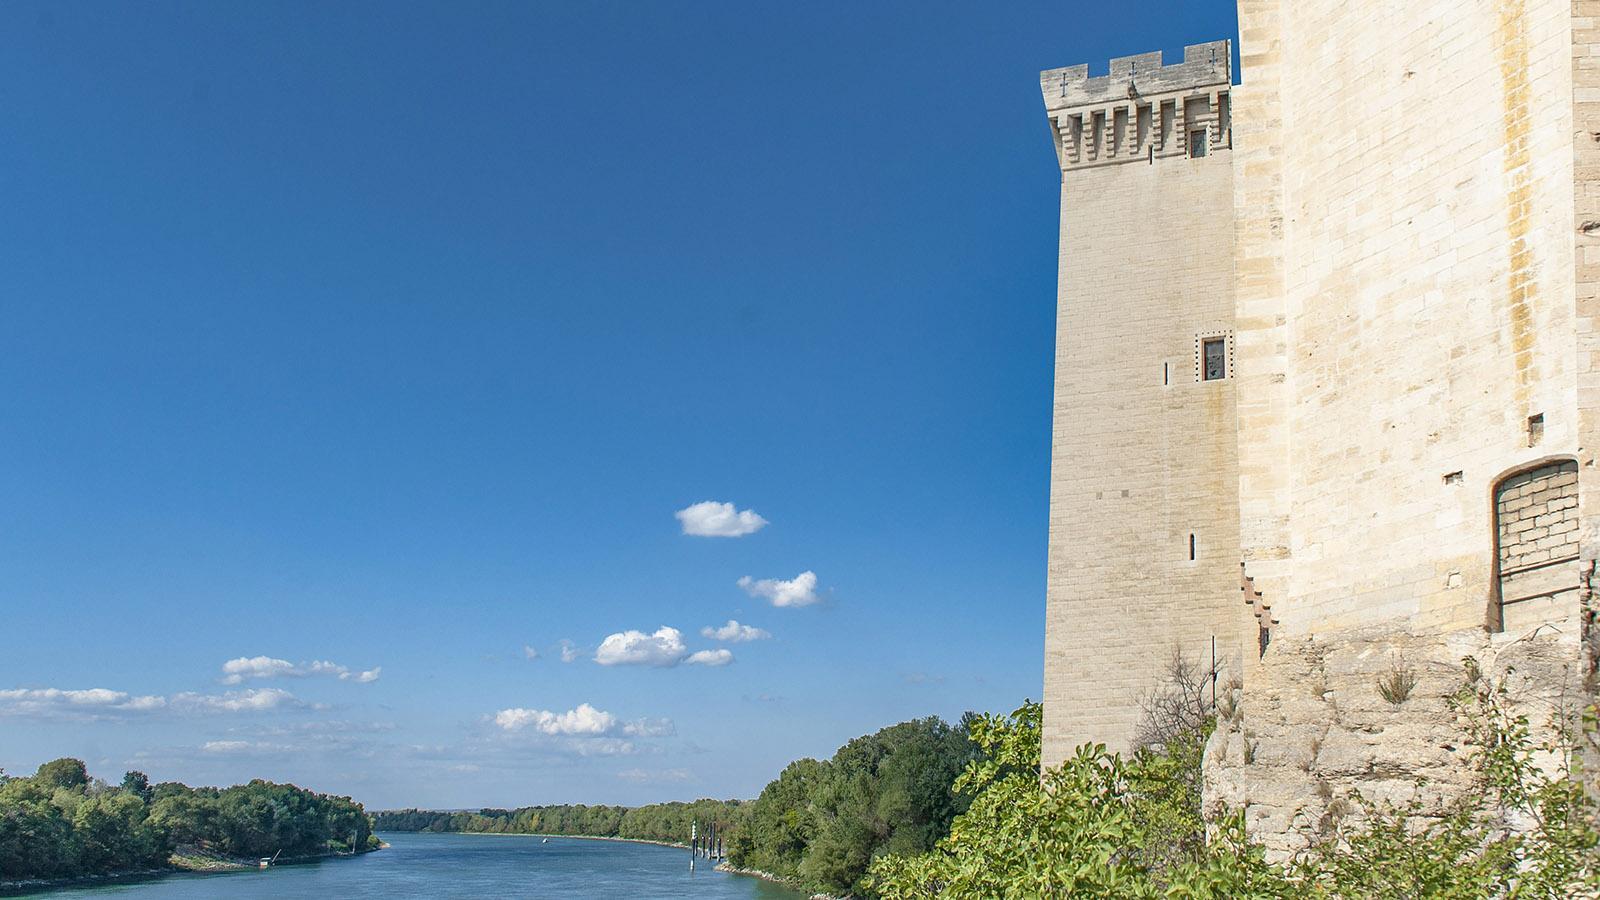 Direkt am Ufer der Rhône gelegen: das Burgschloss von Tarascon. Foto. Hilke Maunder